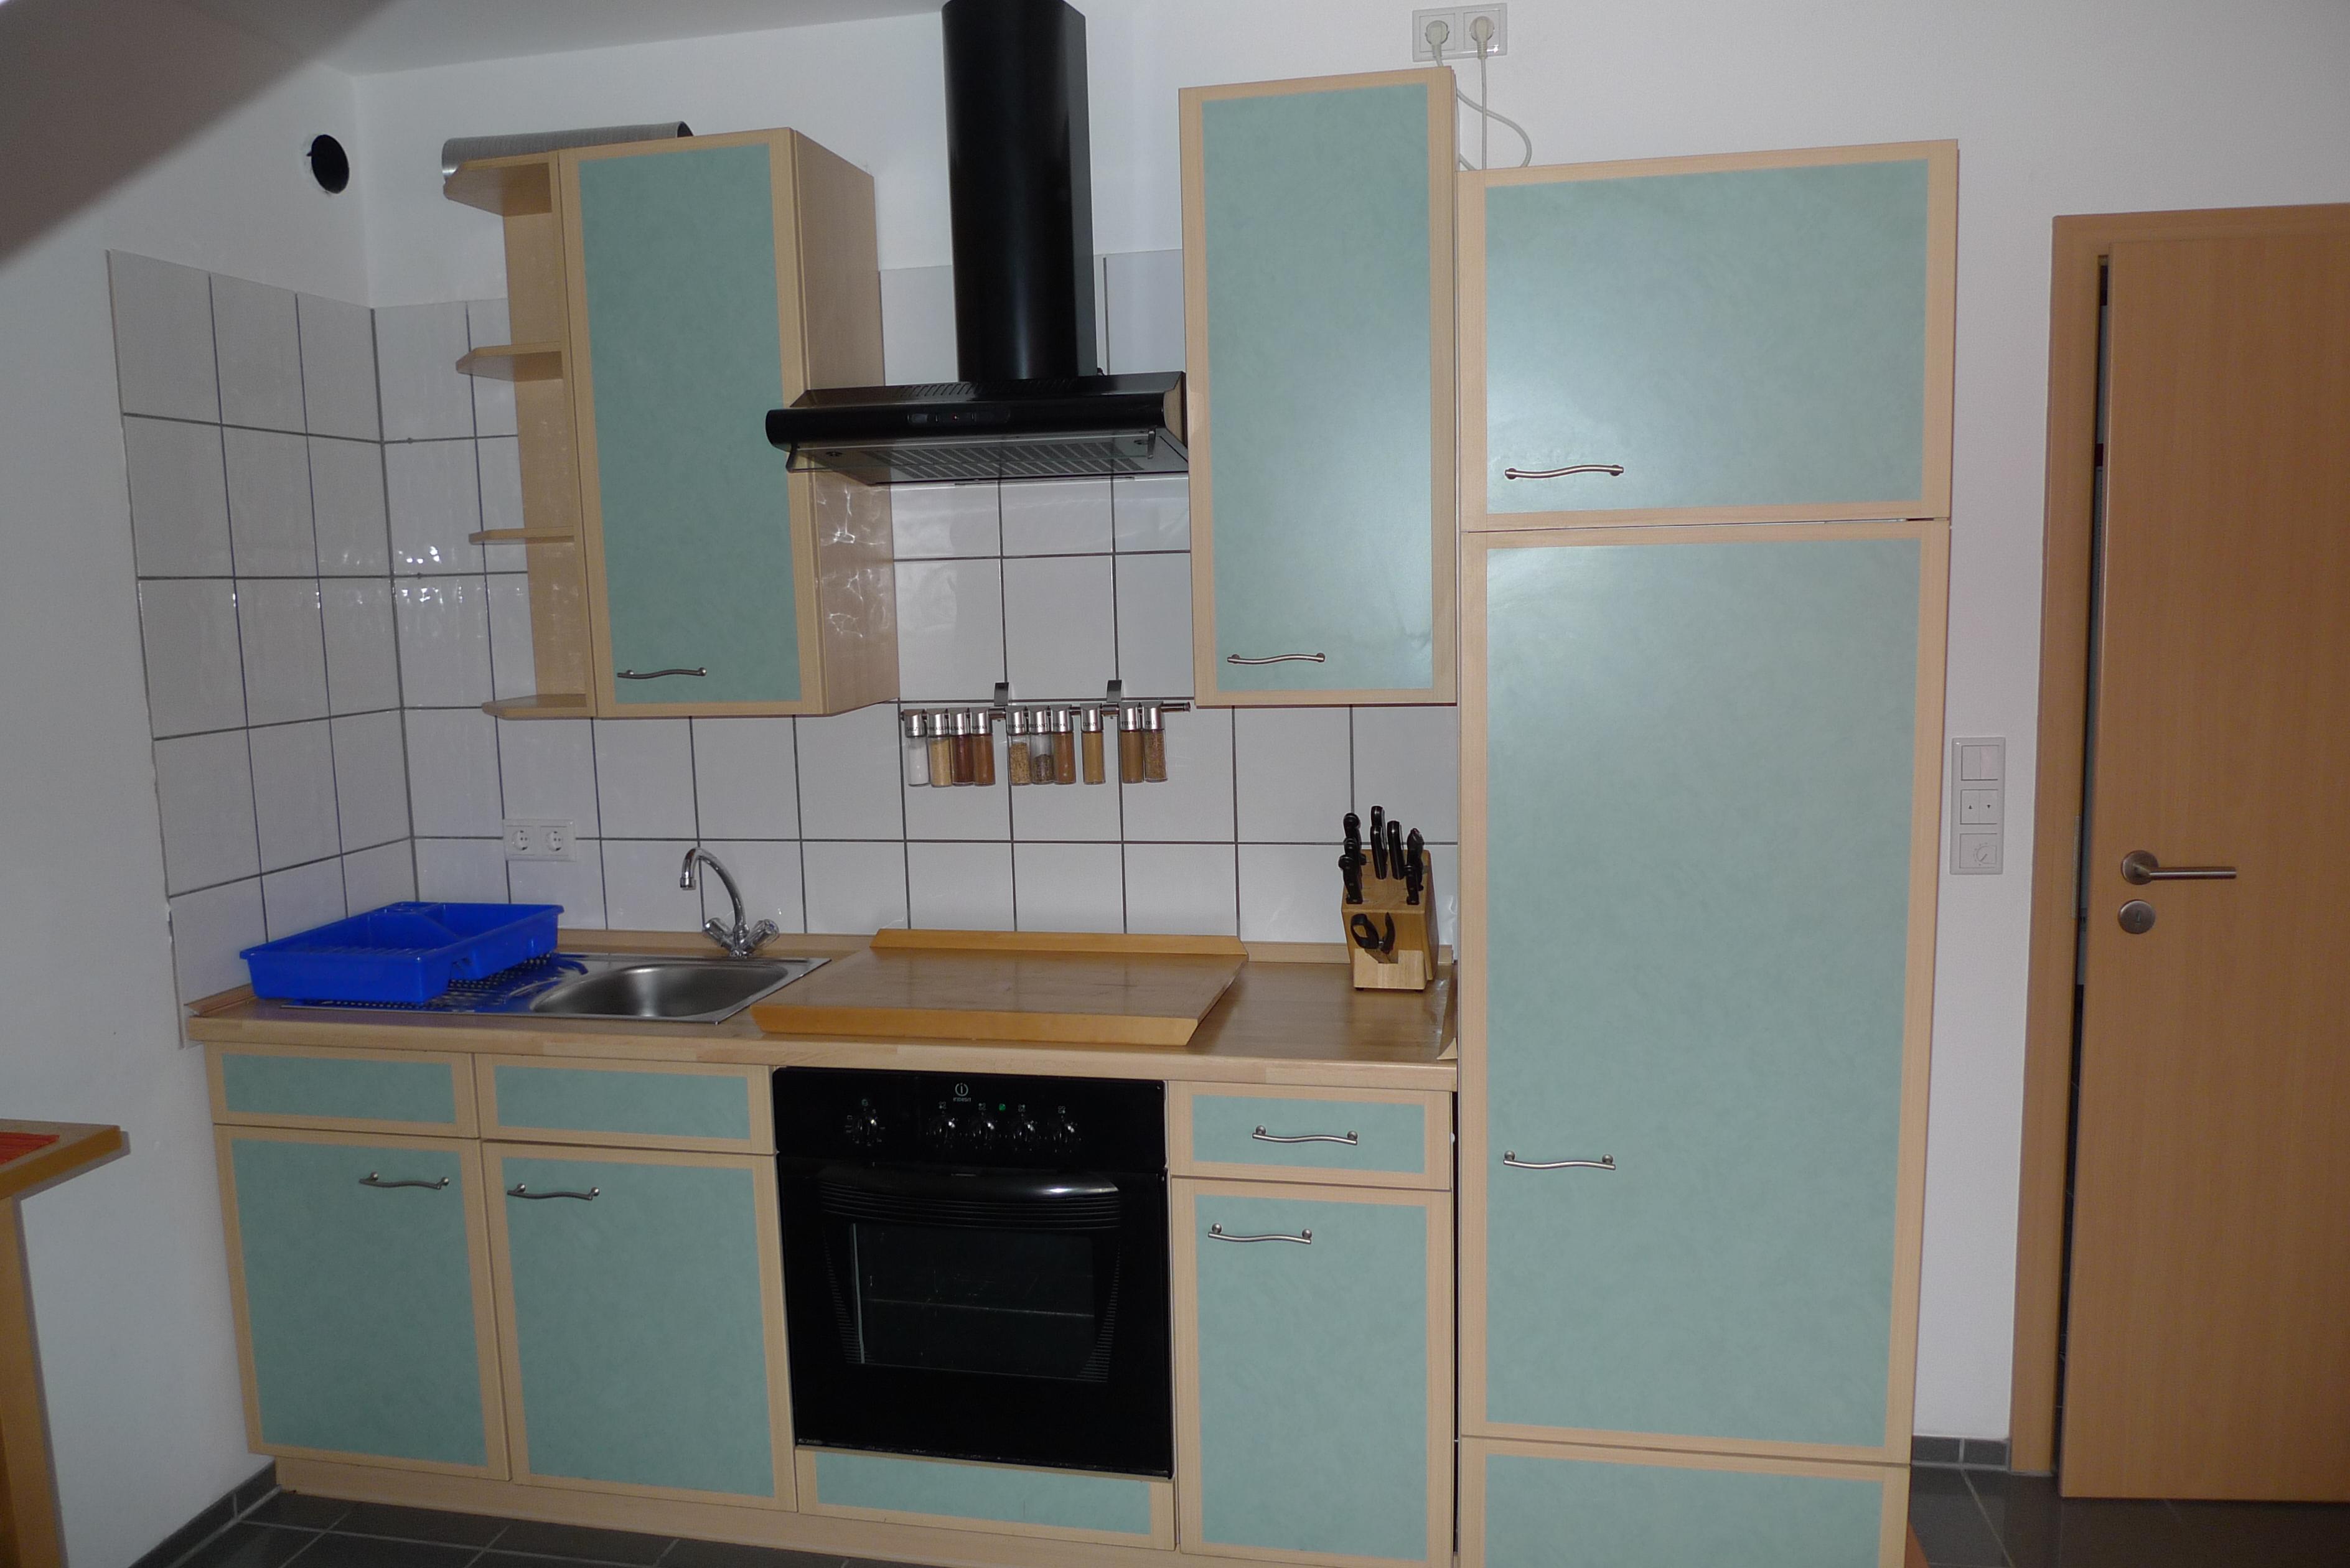 Küchenzeile Nobilia gebraucht für Selbstbaholer in Dormagen Möbel und Haushalt Kleinanzeigen